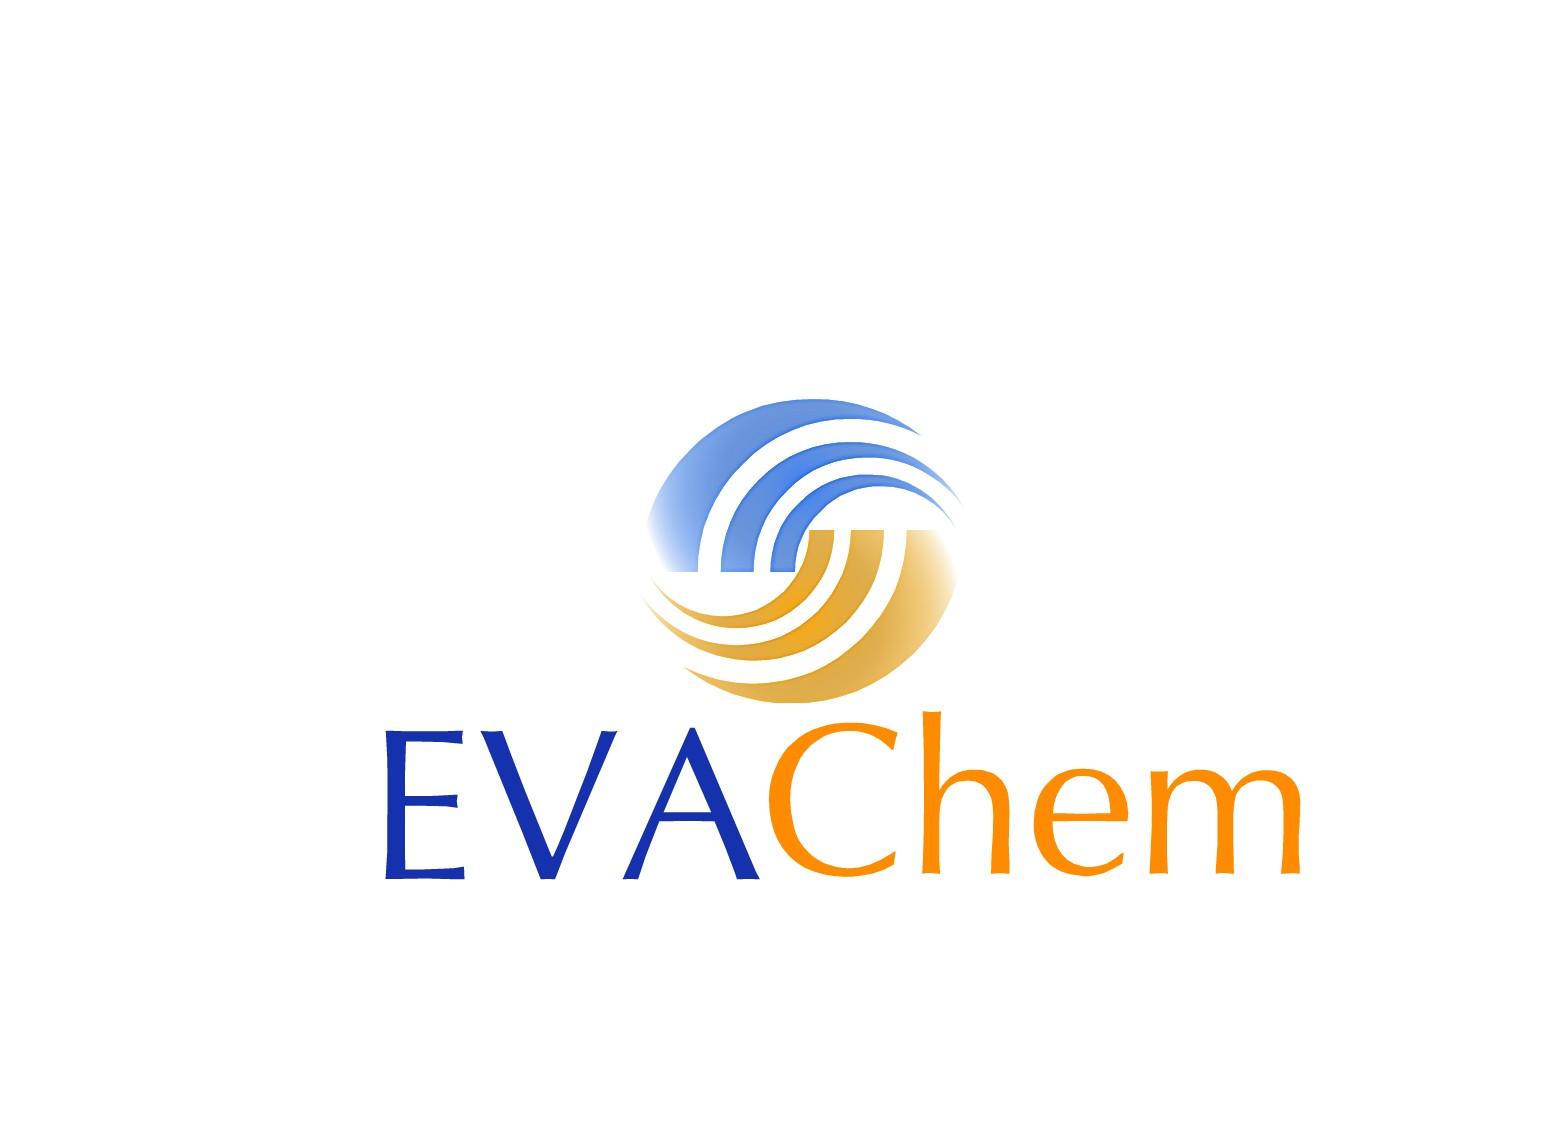 Разработка логотипа и фирменного стиля компании фото f_319571cae5b8dd37.jpg